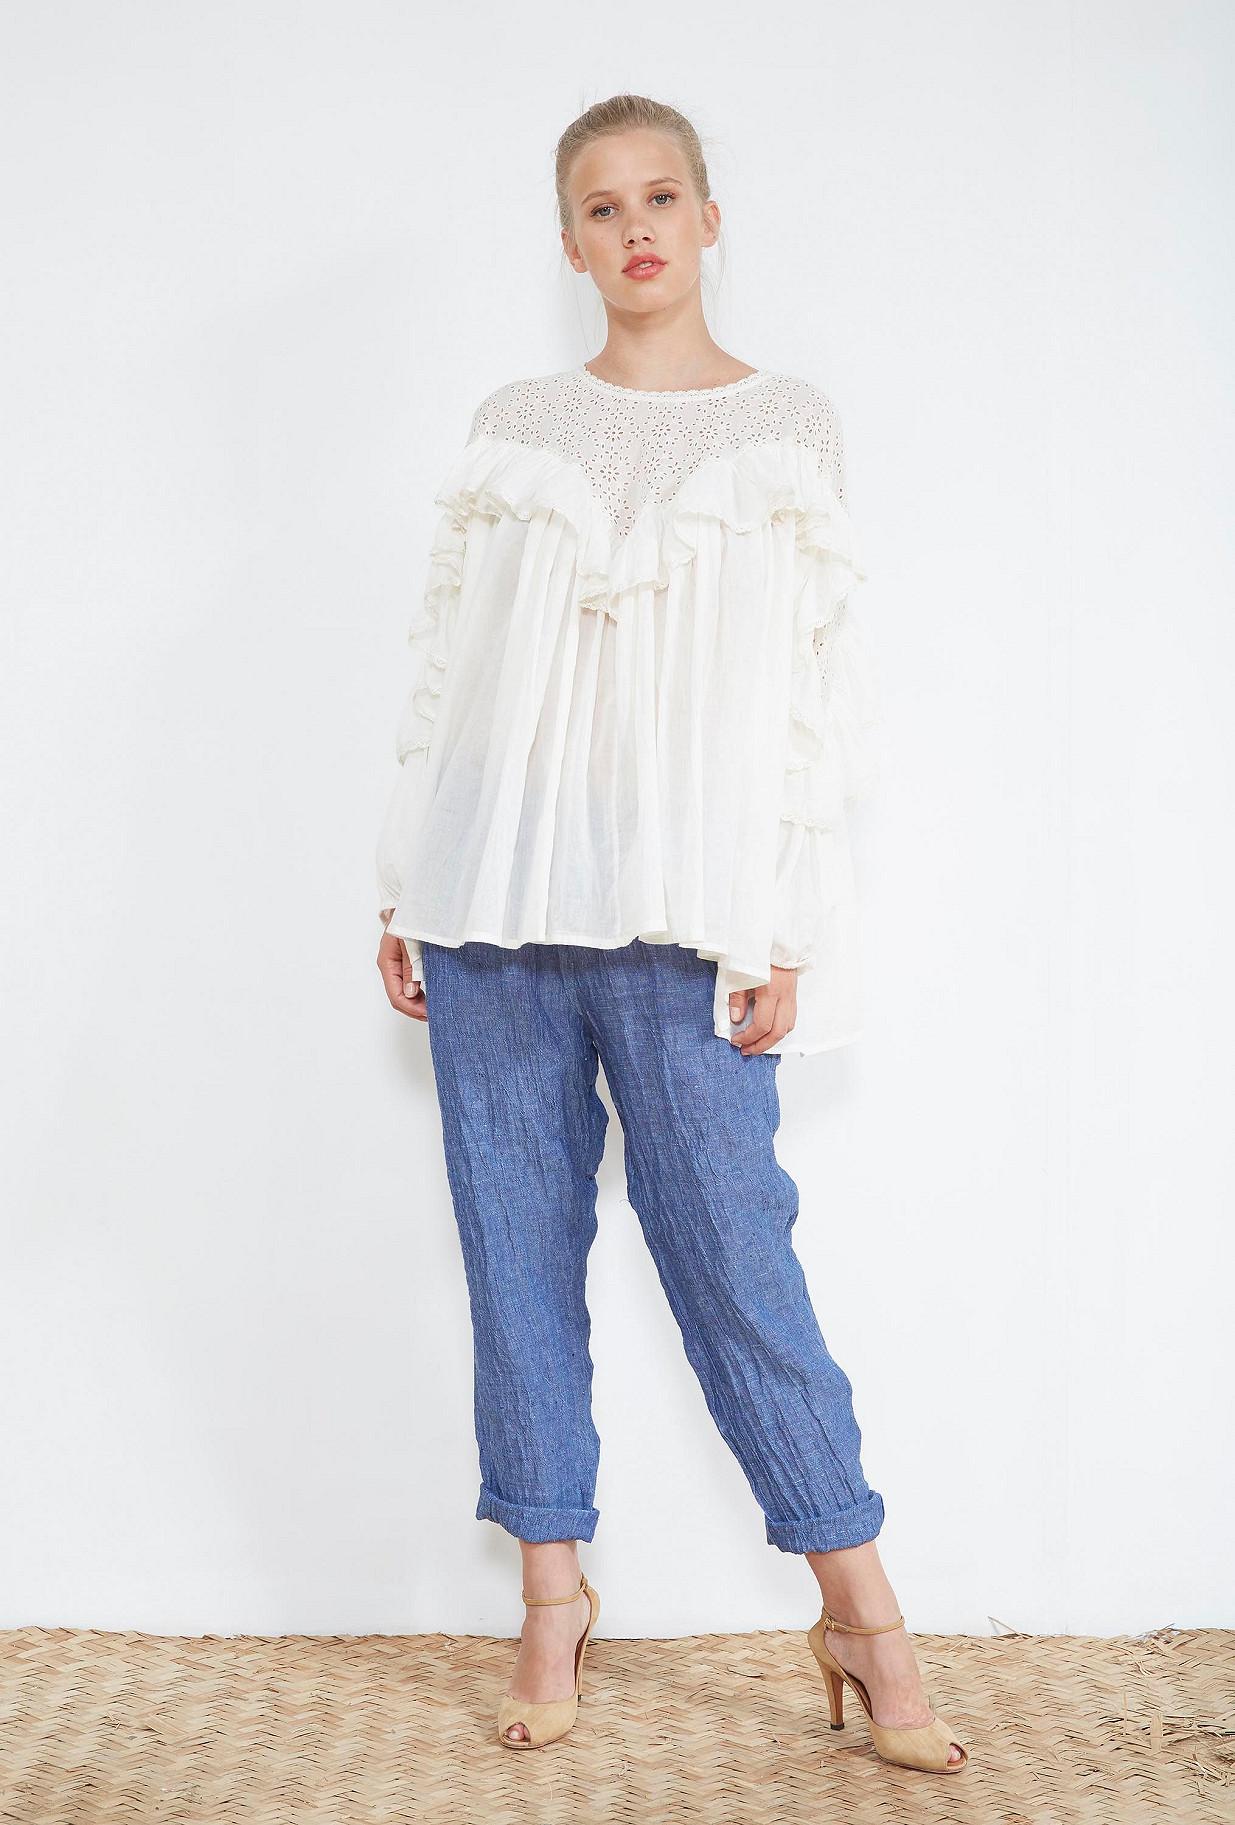 Ivory  BLOUSE  Ohara Mes demoiselles fashion clothes designer Paris